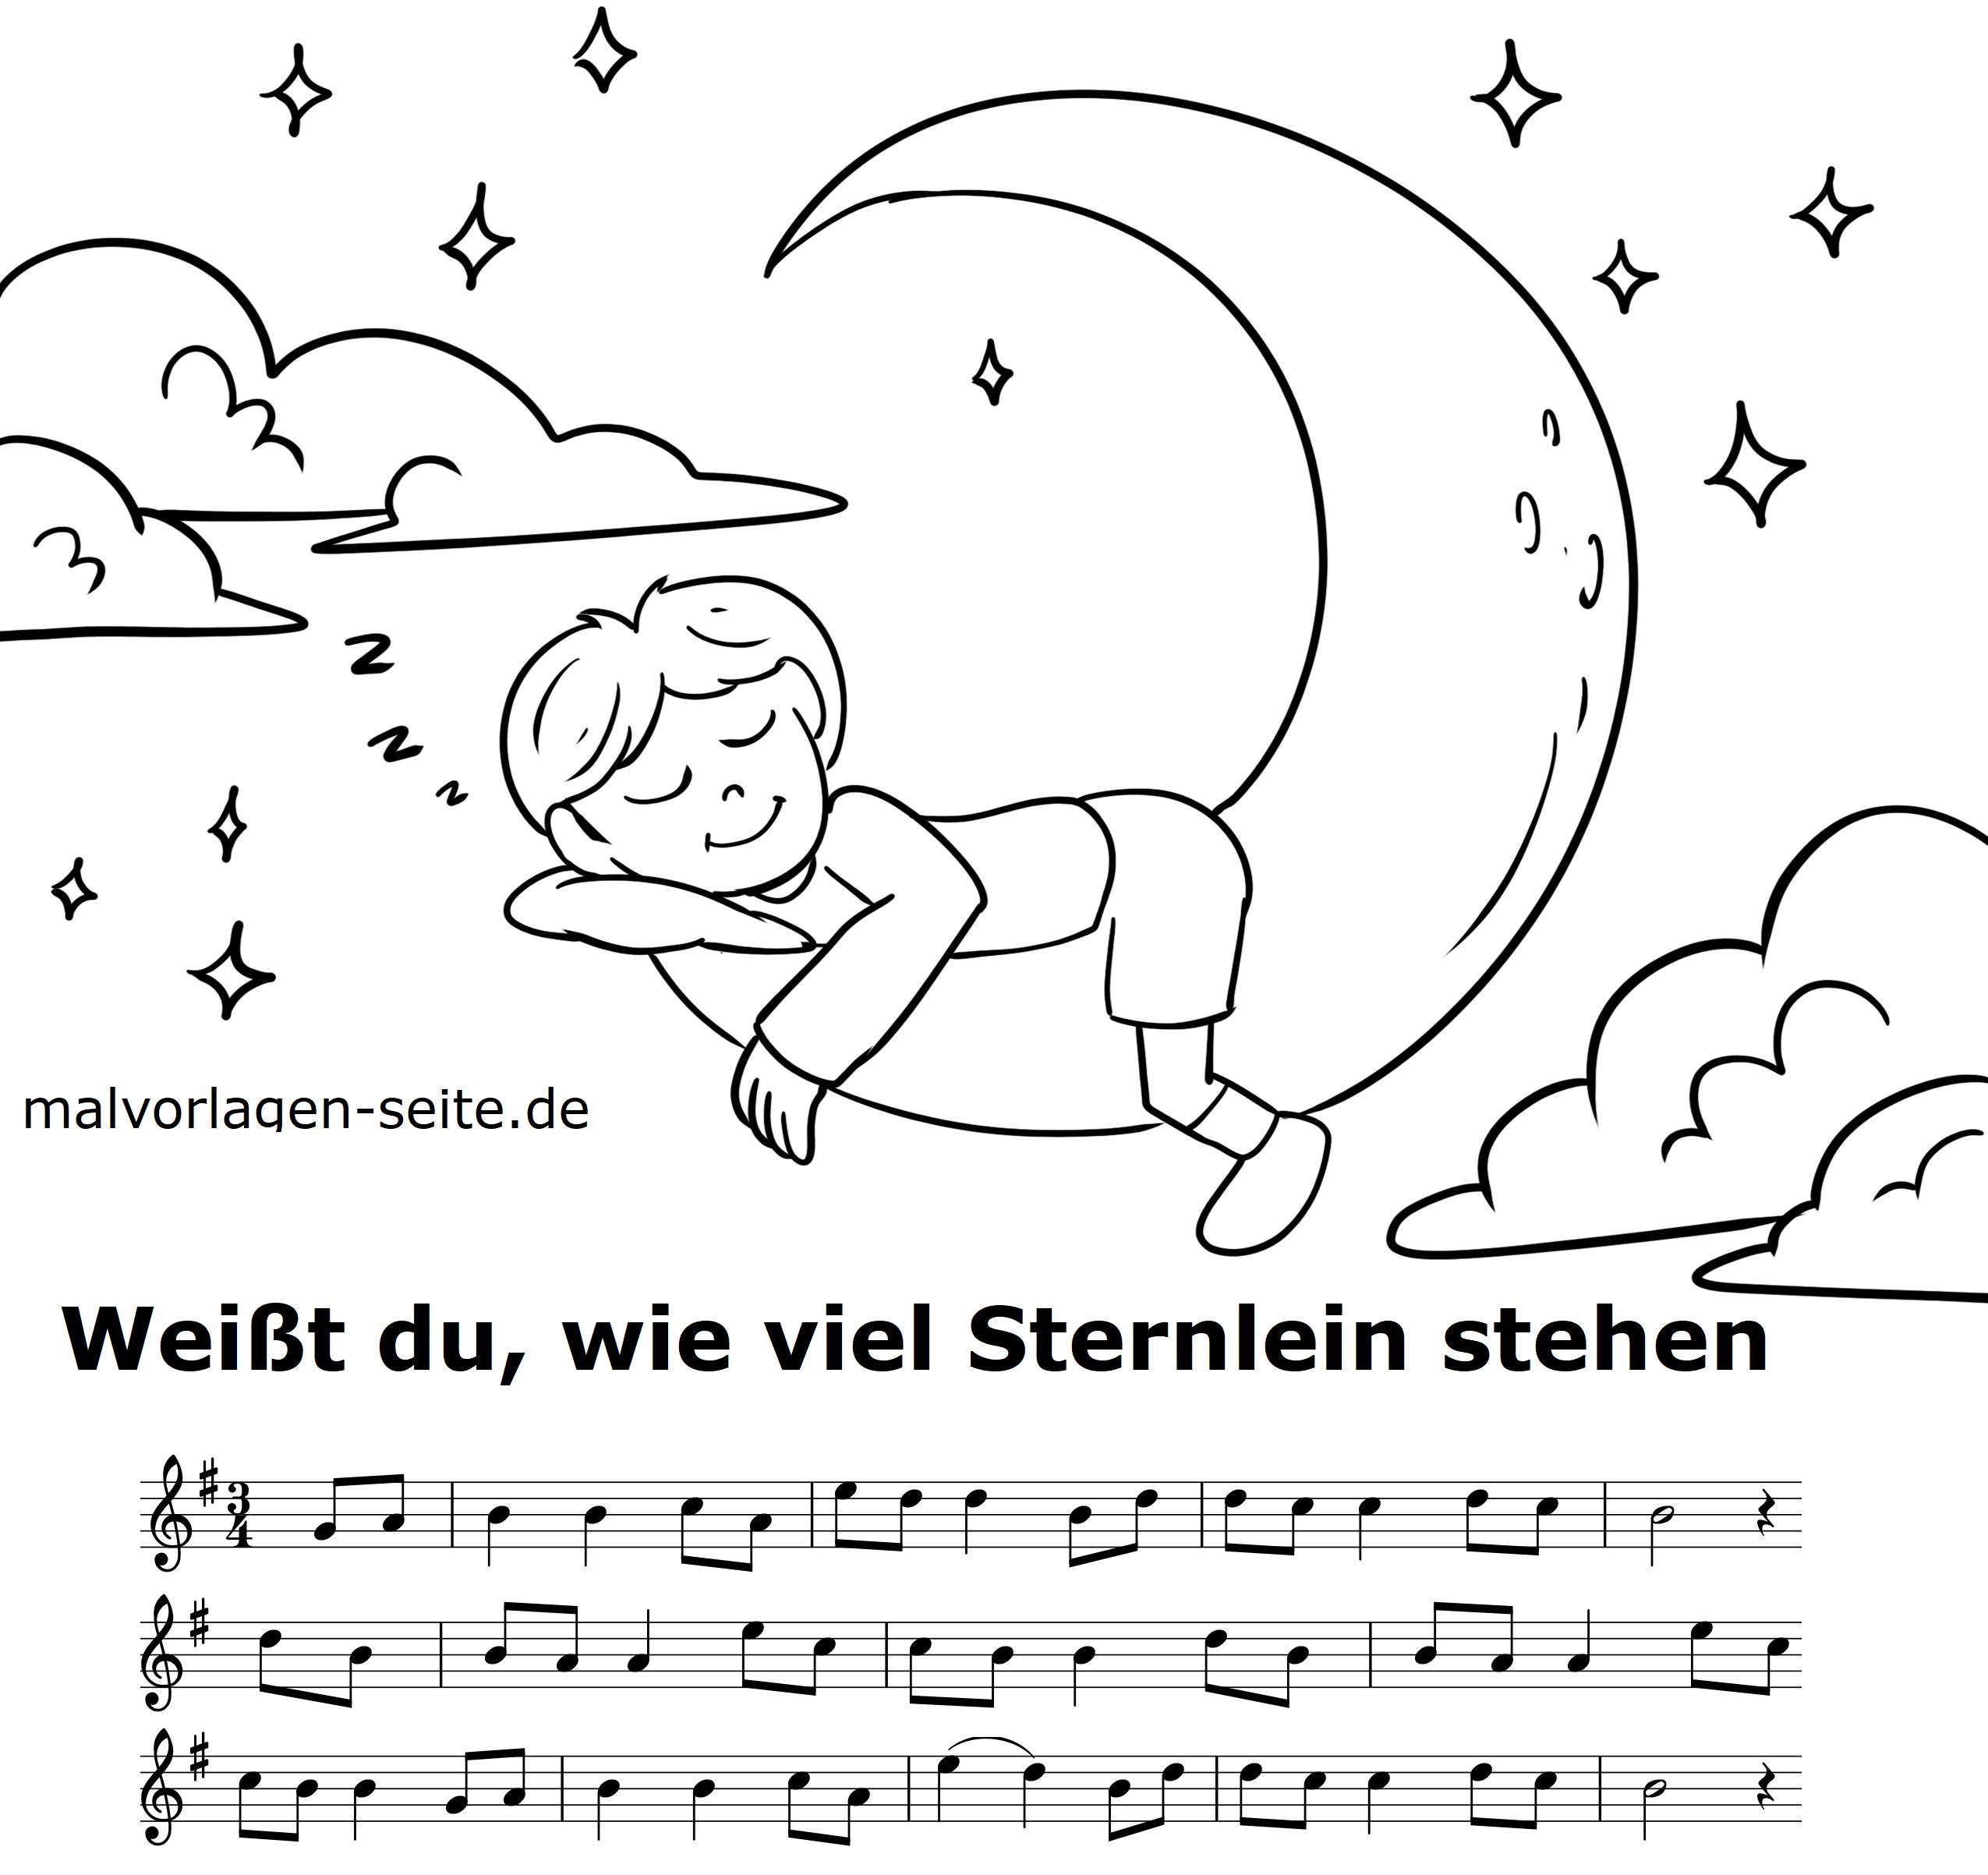 Weißt Du Wieviel Sternlein Stehen - Noten Und Text Zum ganzes Liedtext Weißt Du Wieviel Sternlein Stehen